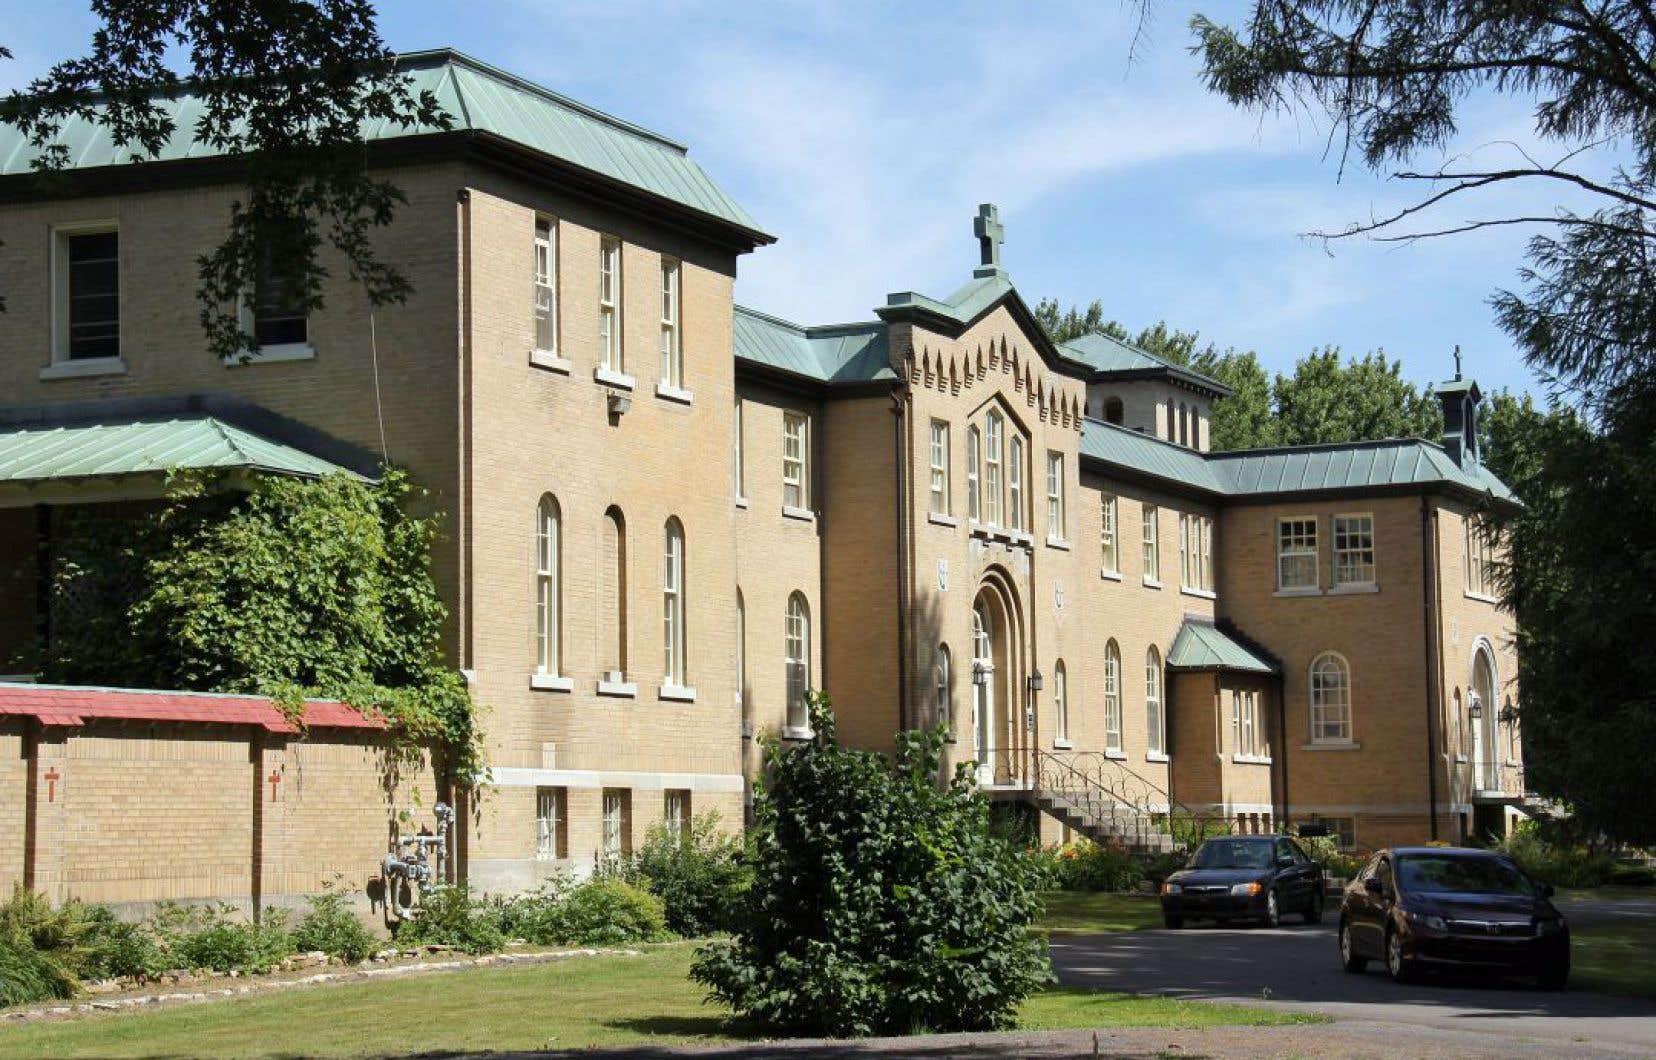 Selon une fiche produite par la MRC de D'Autray, l'ancien monastère des Moniales dominicaines de Berthierville a une valeur patrimoniale «exceptionnelle».